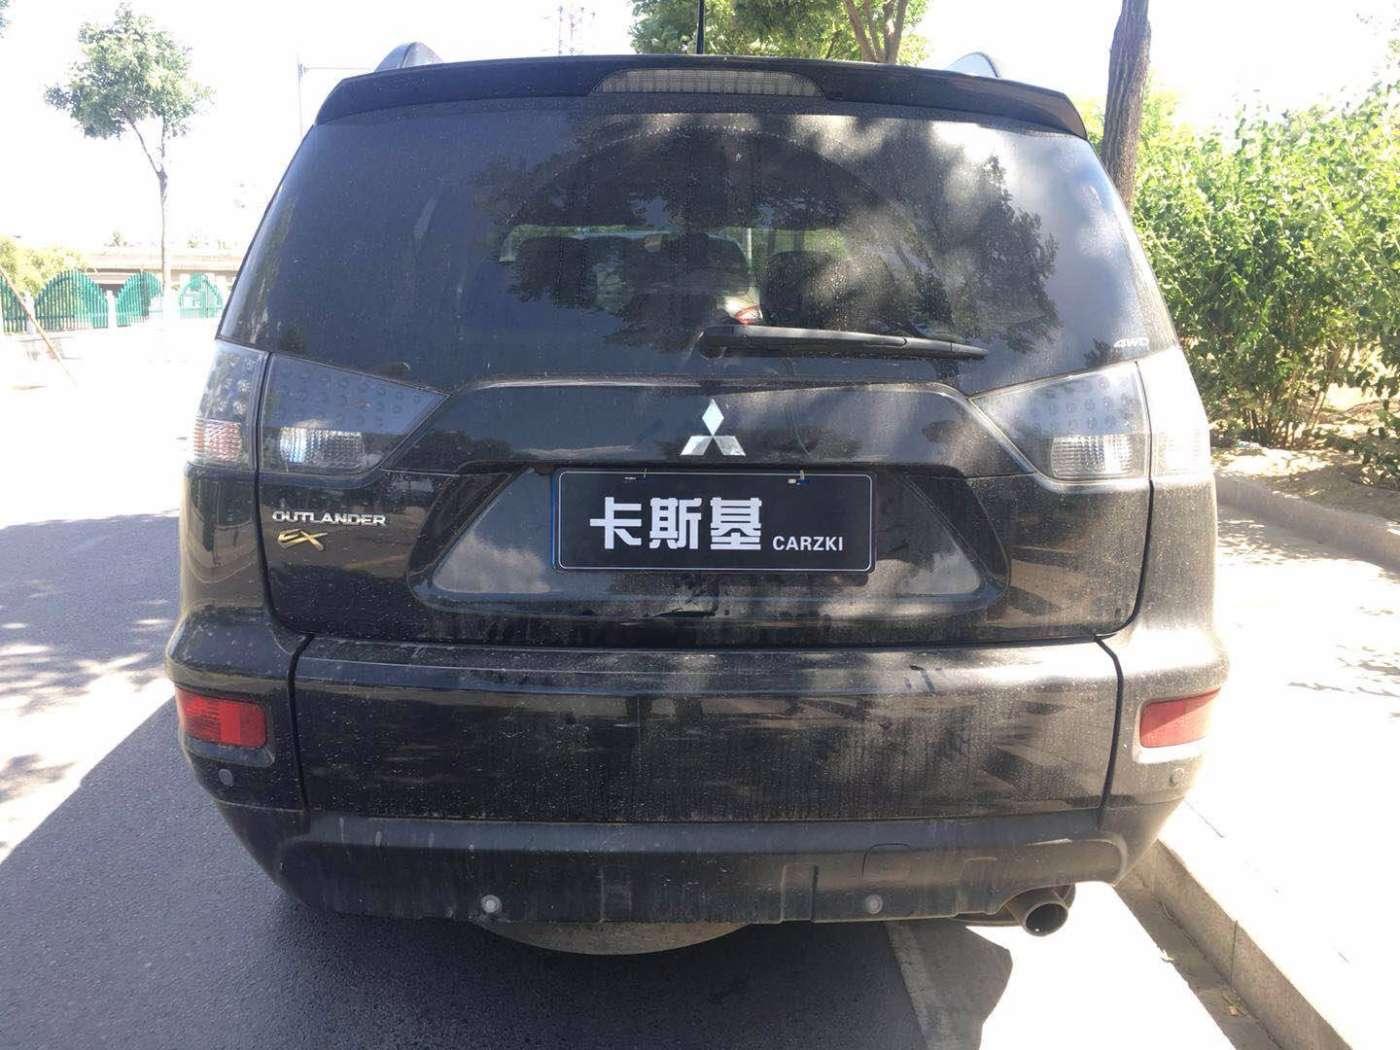 2011年10月 三菱 欧蓝德(进口) 2011款 劲界 2.0 都市版|甄选易手车-北京卡斯基汽车服务有限公司